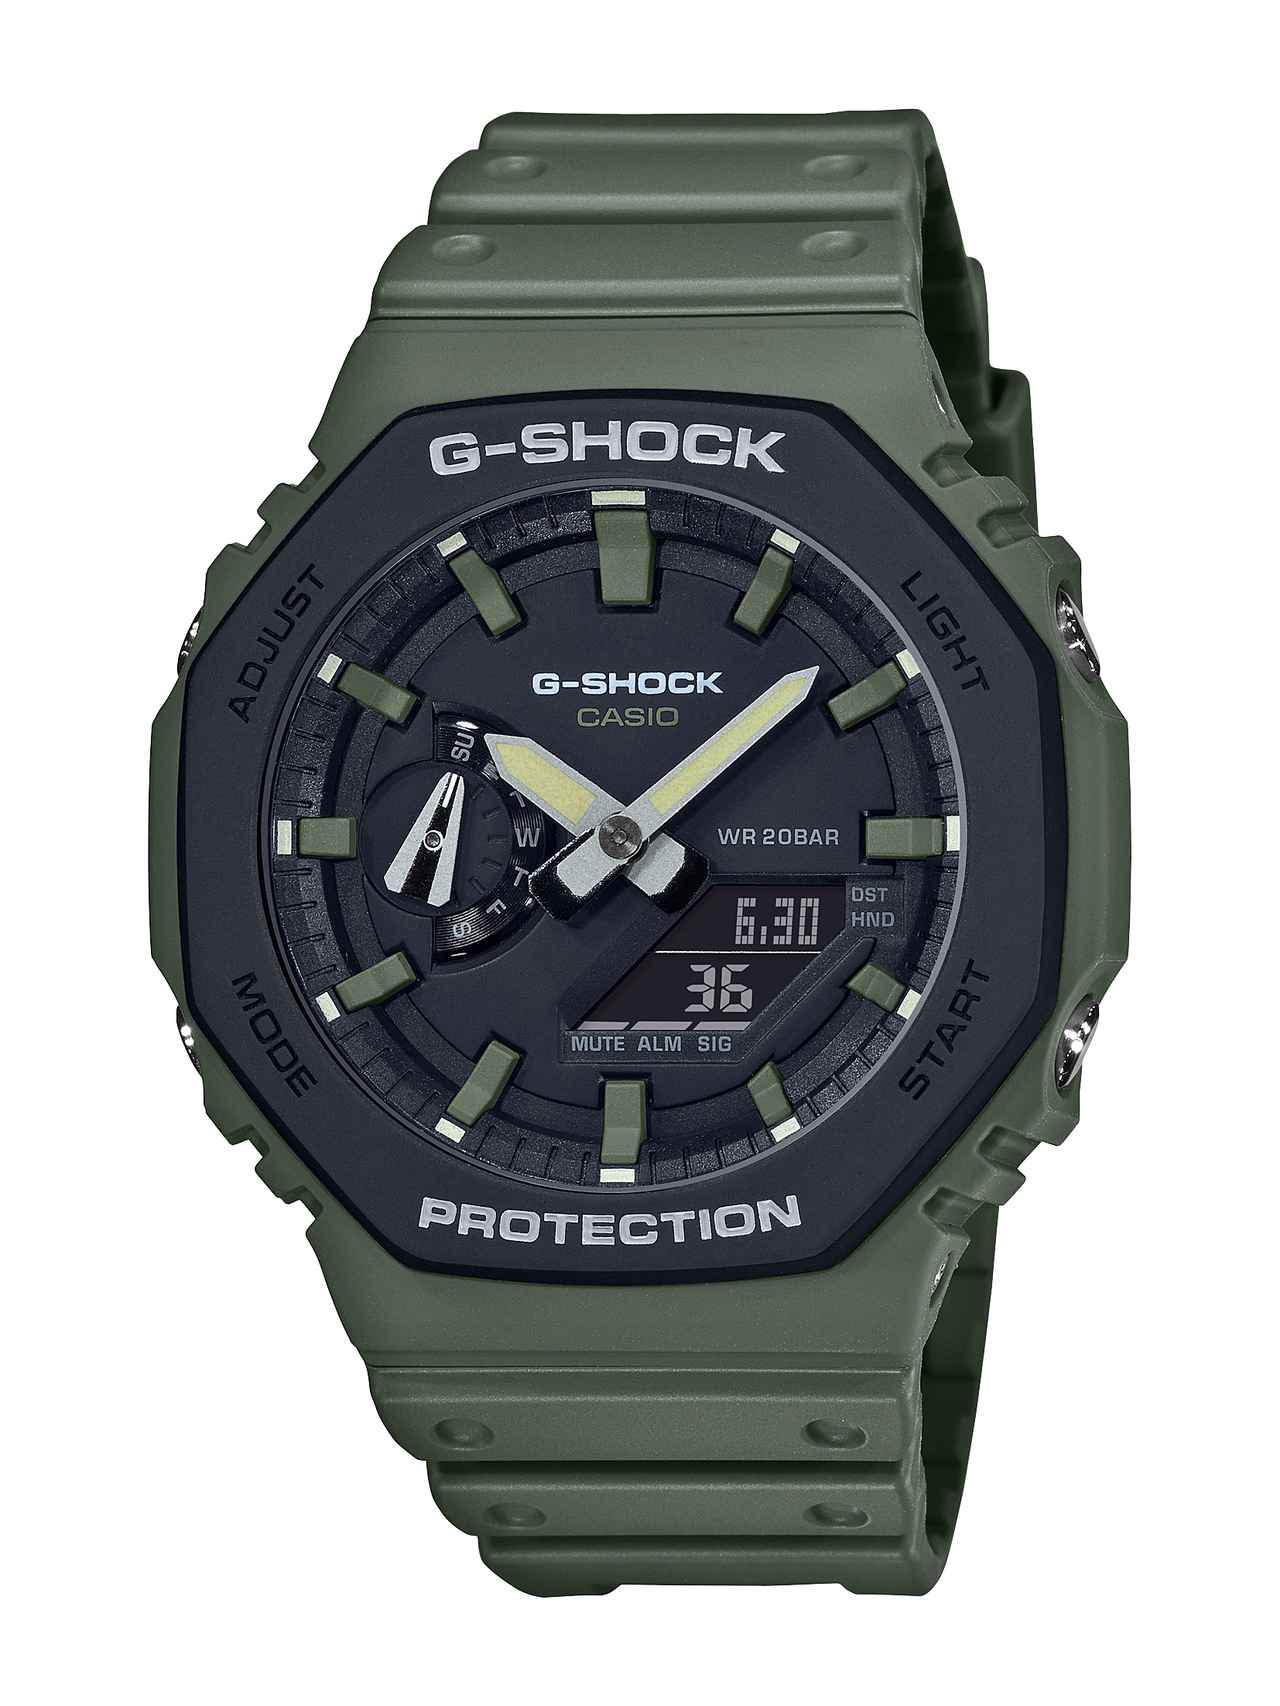 画像3: アウトドアでもストリートでも映えるG-SHOCK! 薄型の「GA-2100」シリーズにユーティリティカラーが登場